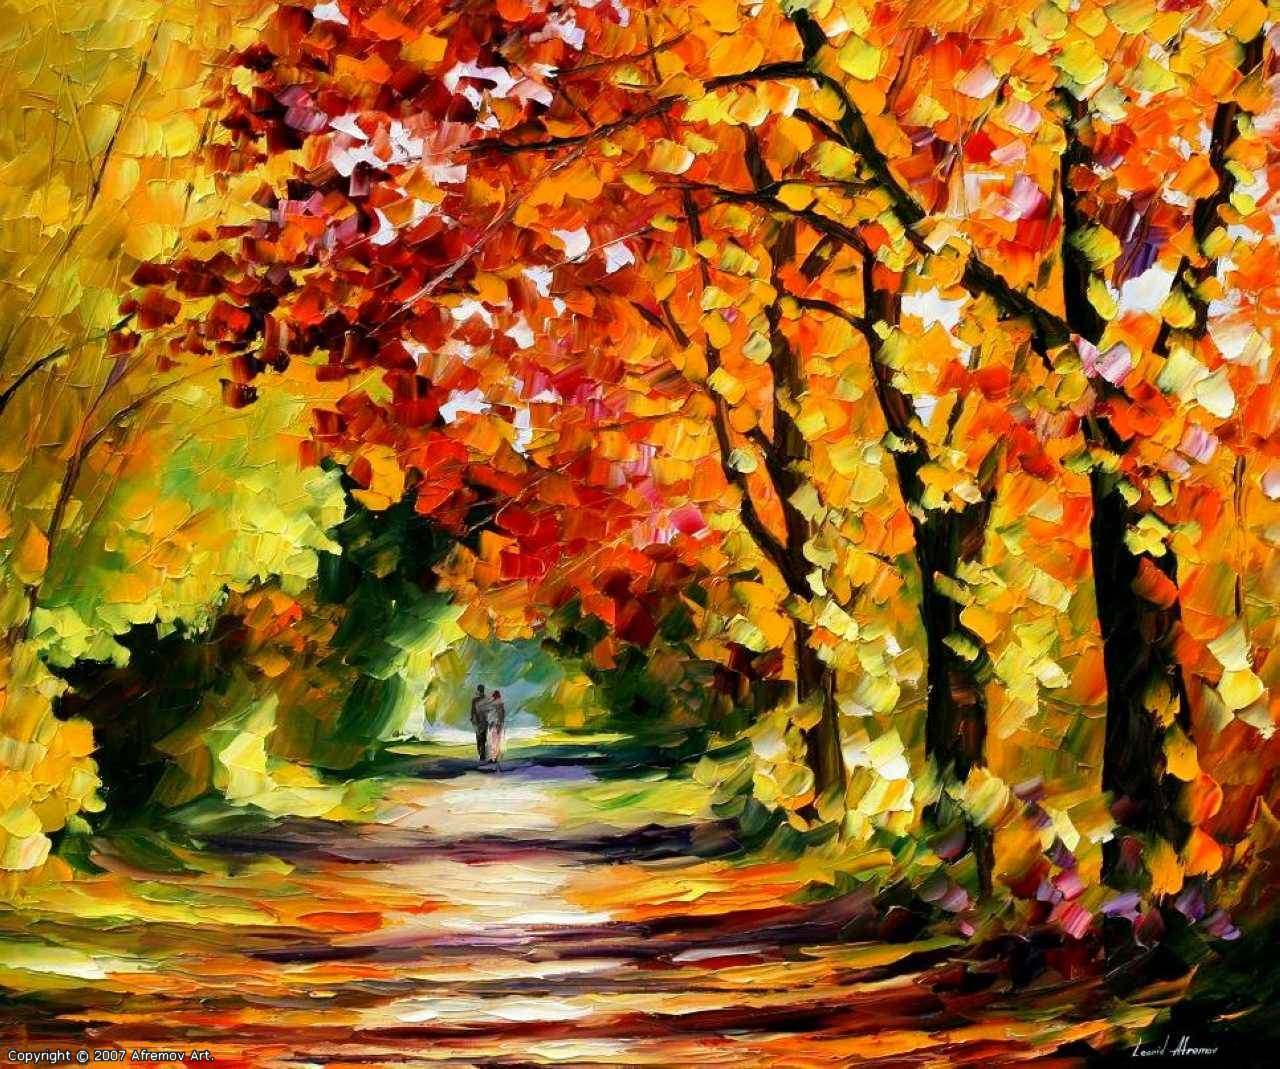 осень, аллея, осенние листья, скачать фото